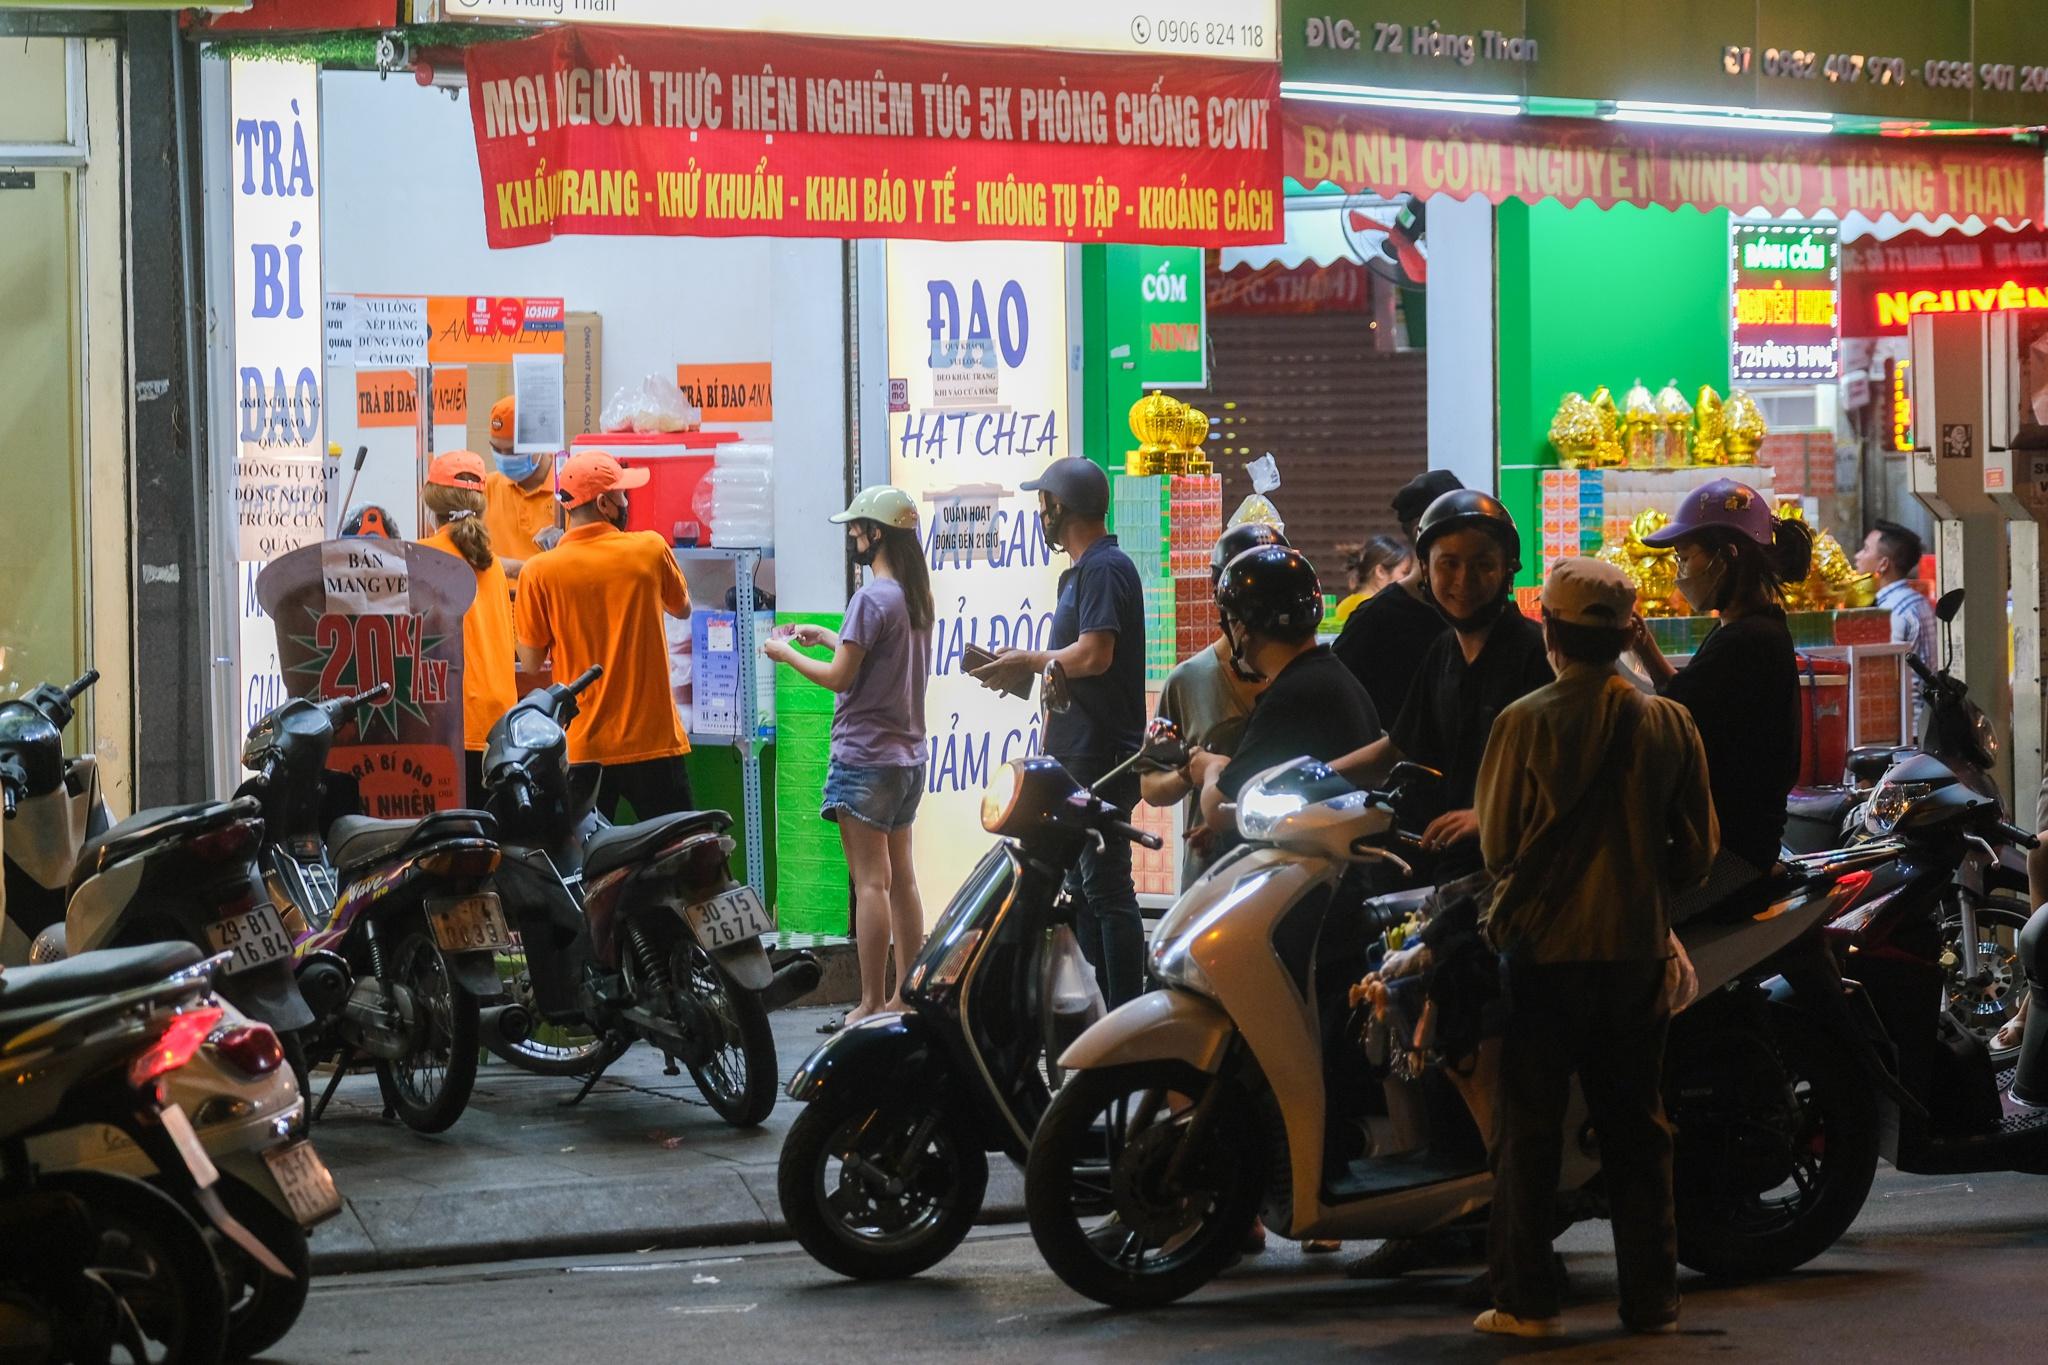 Bán mang về 1.000 cốc trà bí đao mỗi ngày ở Hà Nội - ảnh 7